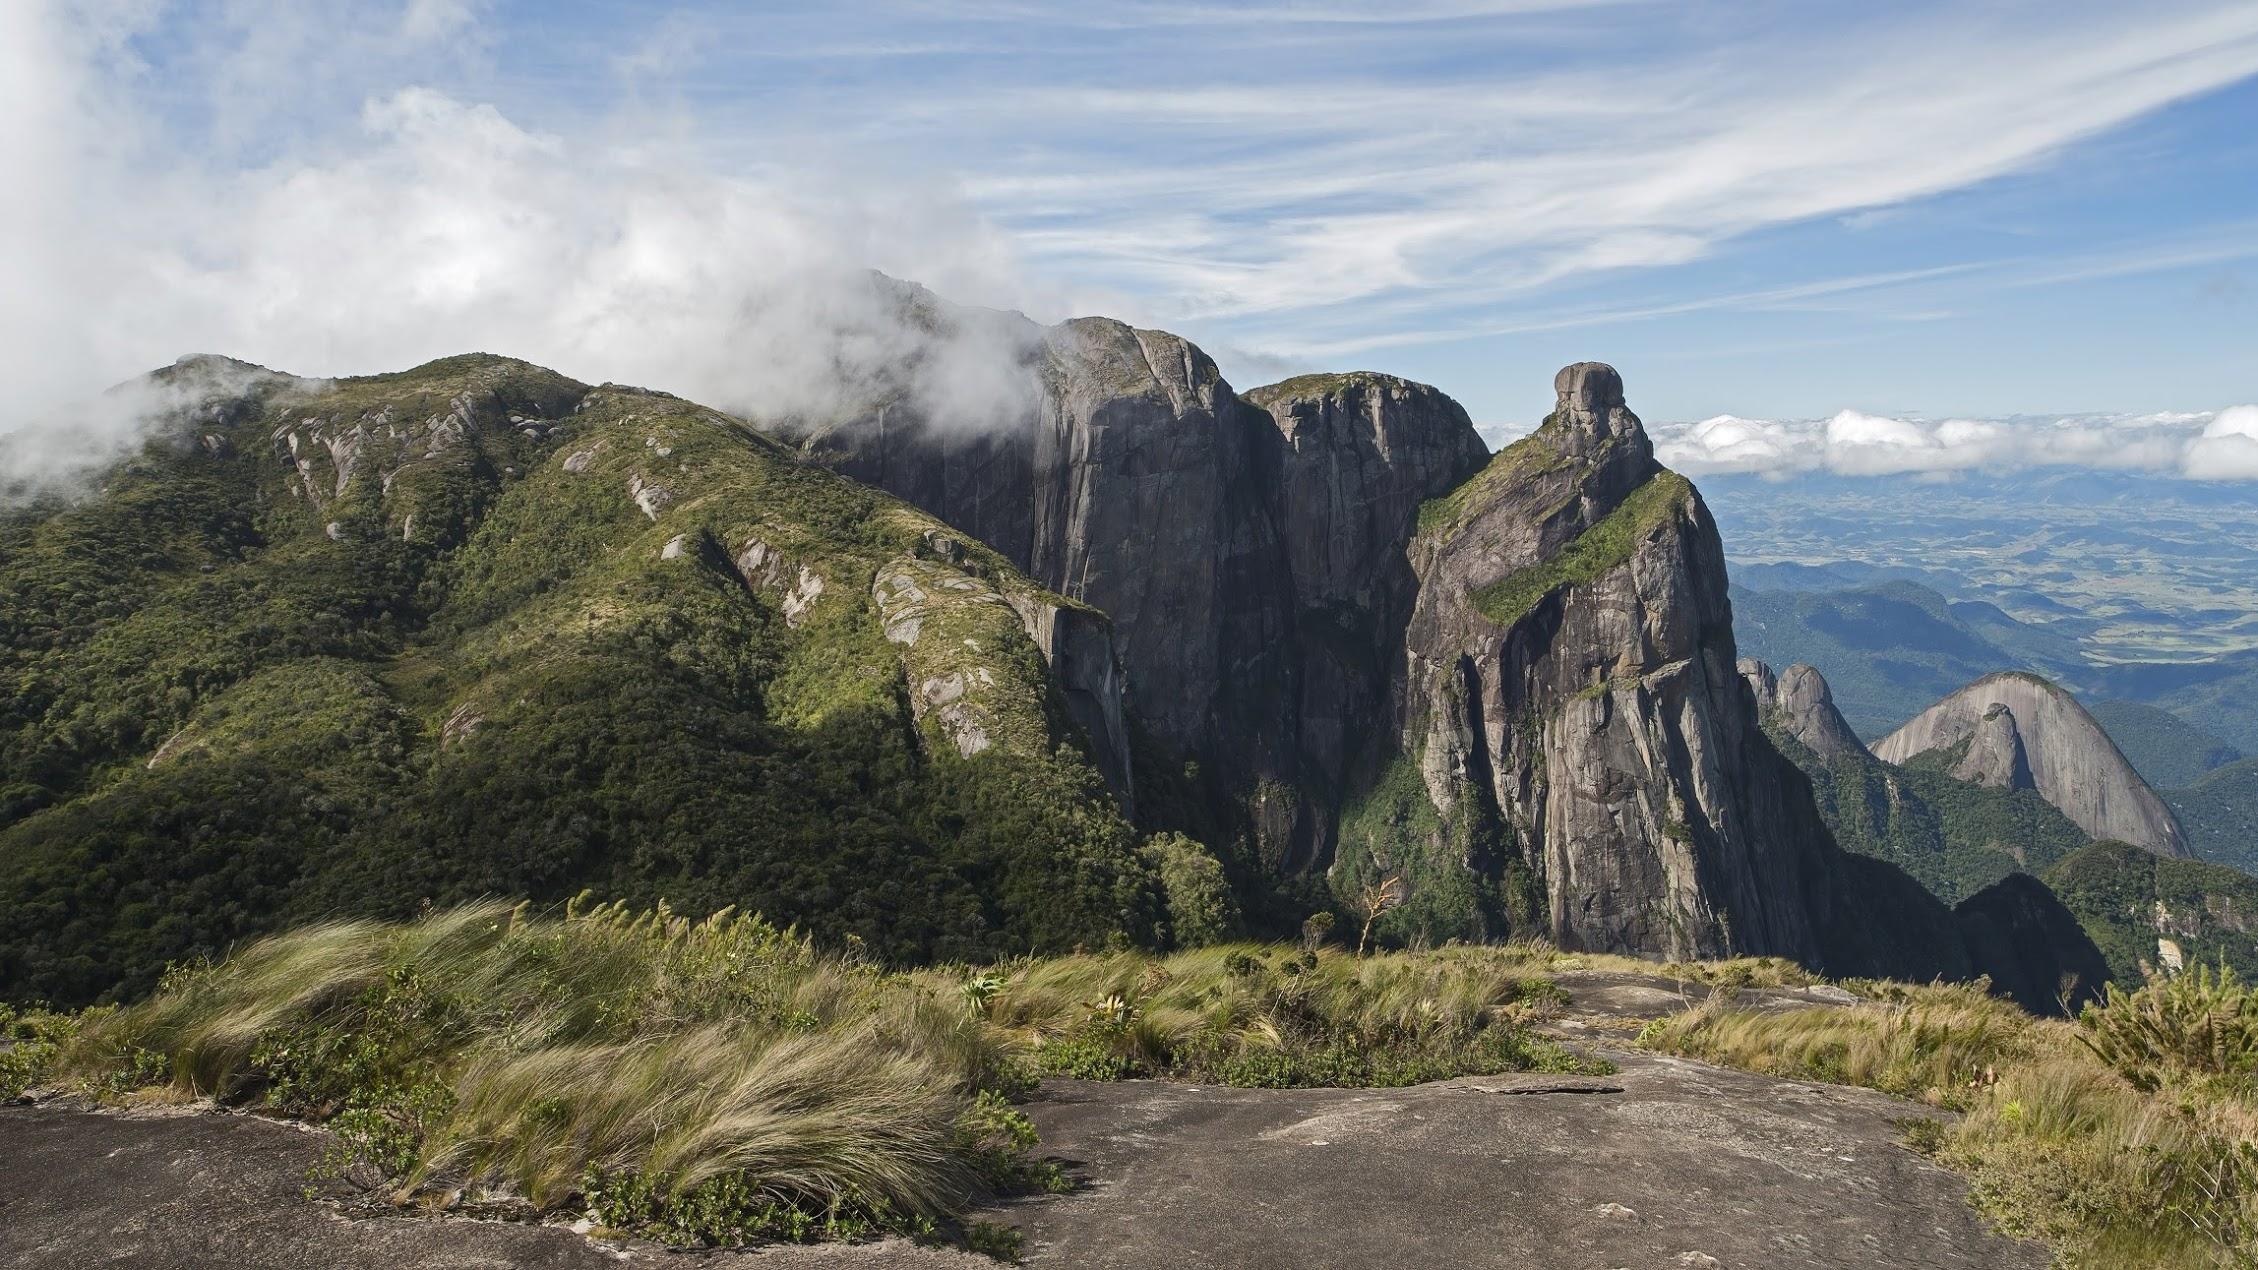 wp-content/uploads/itineraries/Brazil/Serra-dos-orgaos-3.jpg